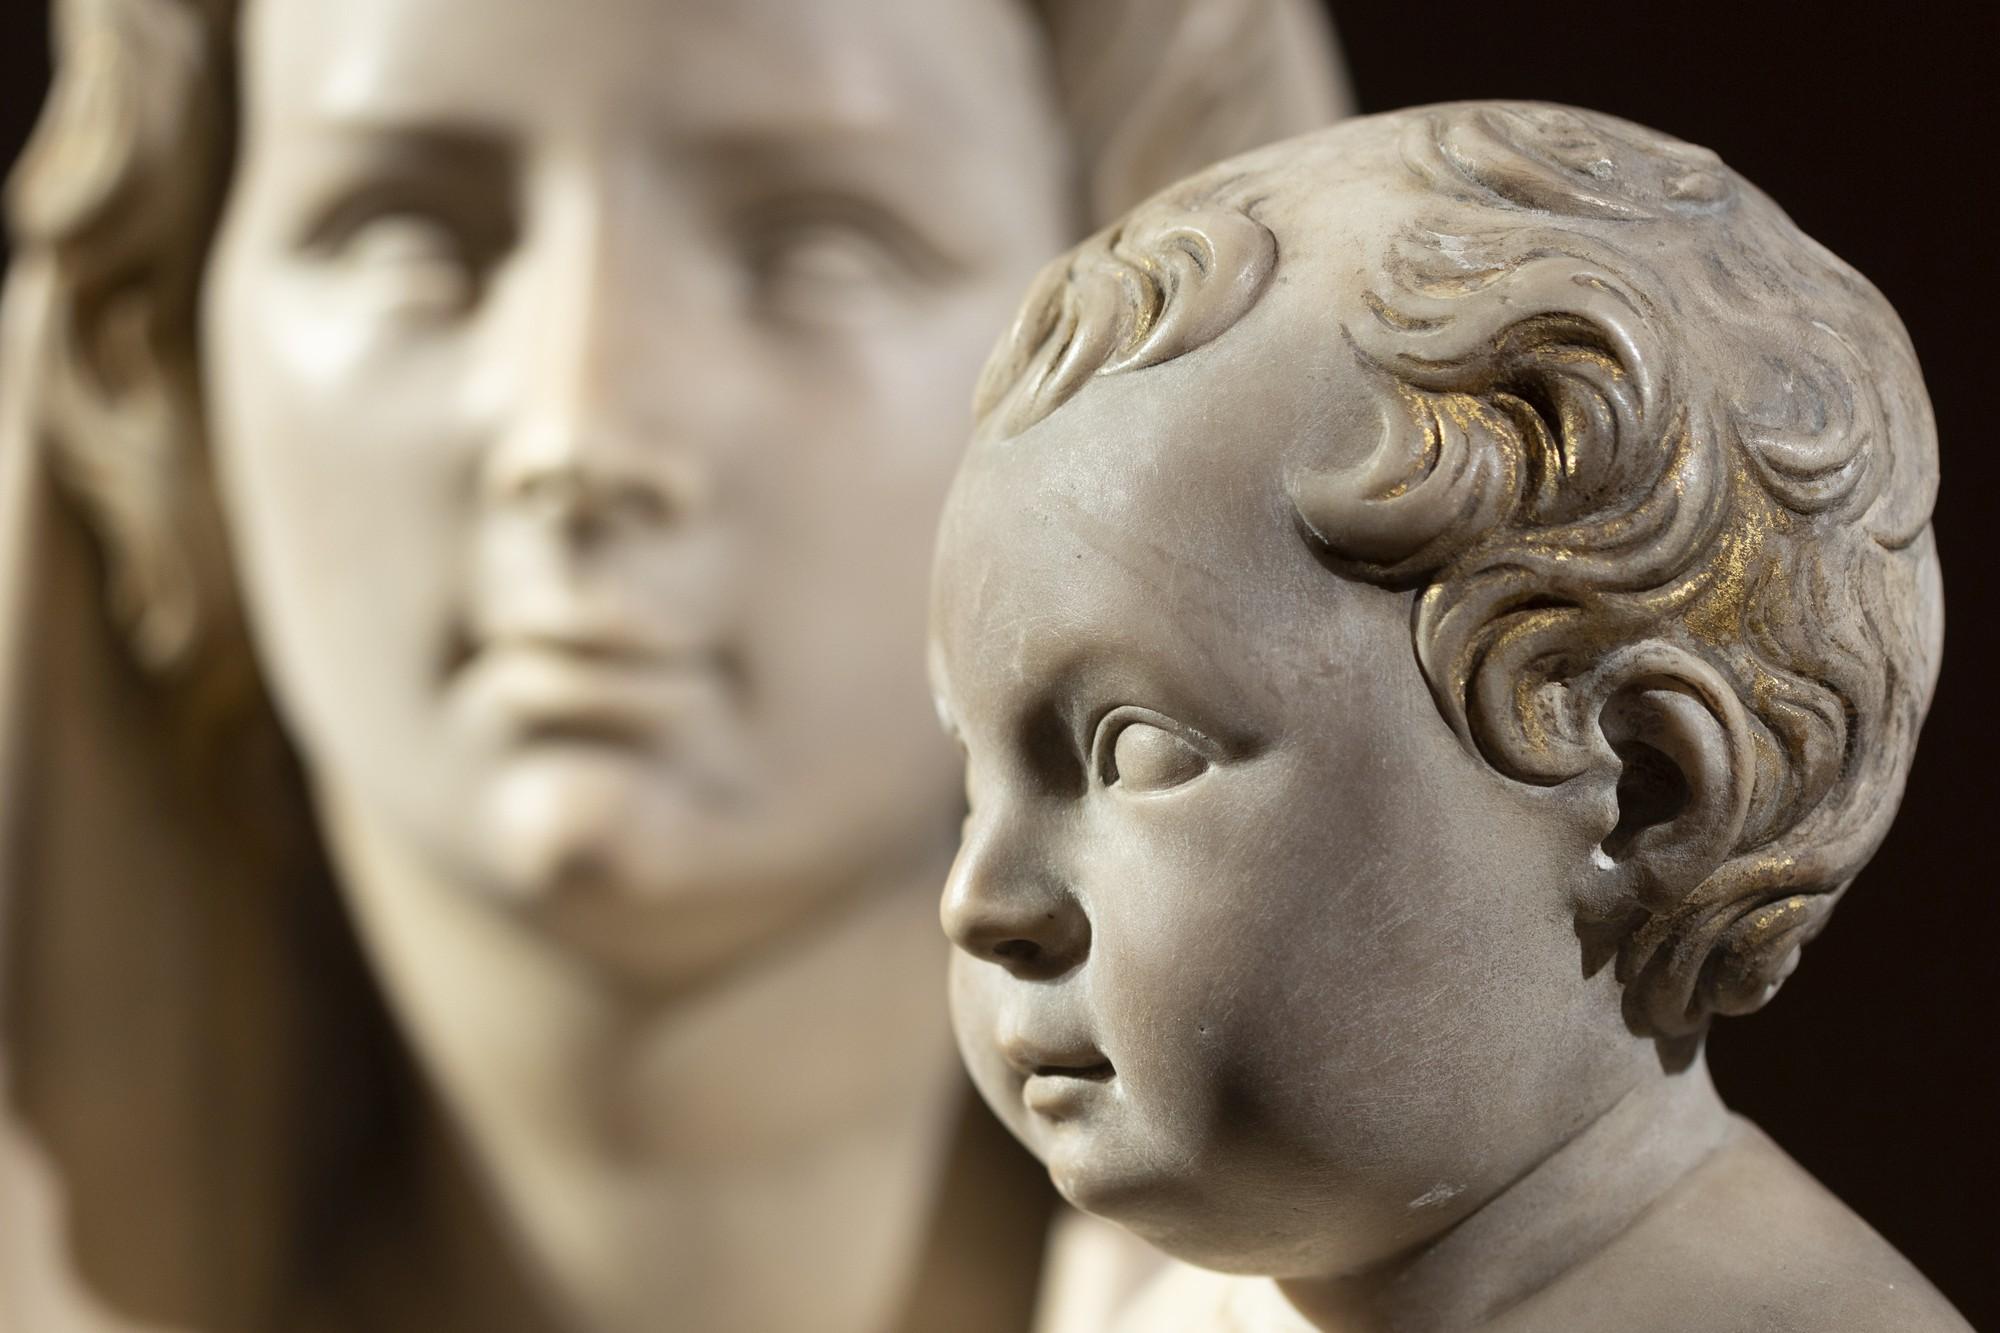 fotografia di opere d'arte: la madonna del melograno, particolare